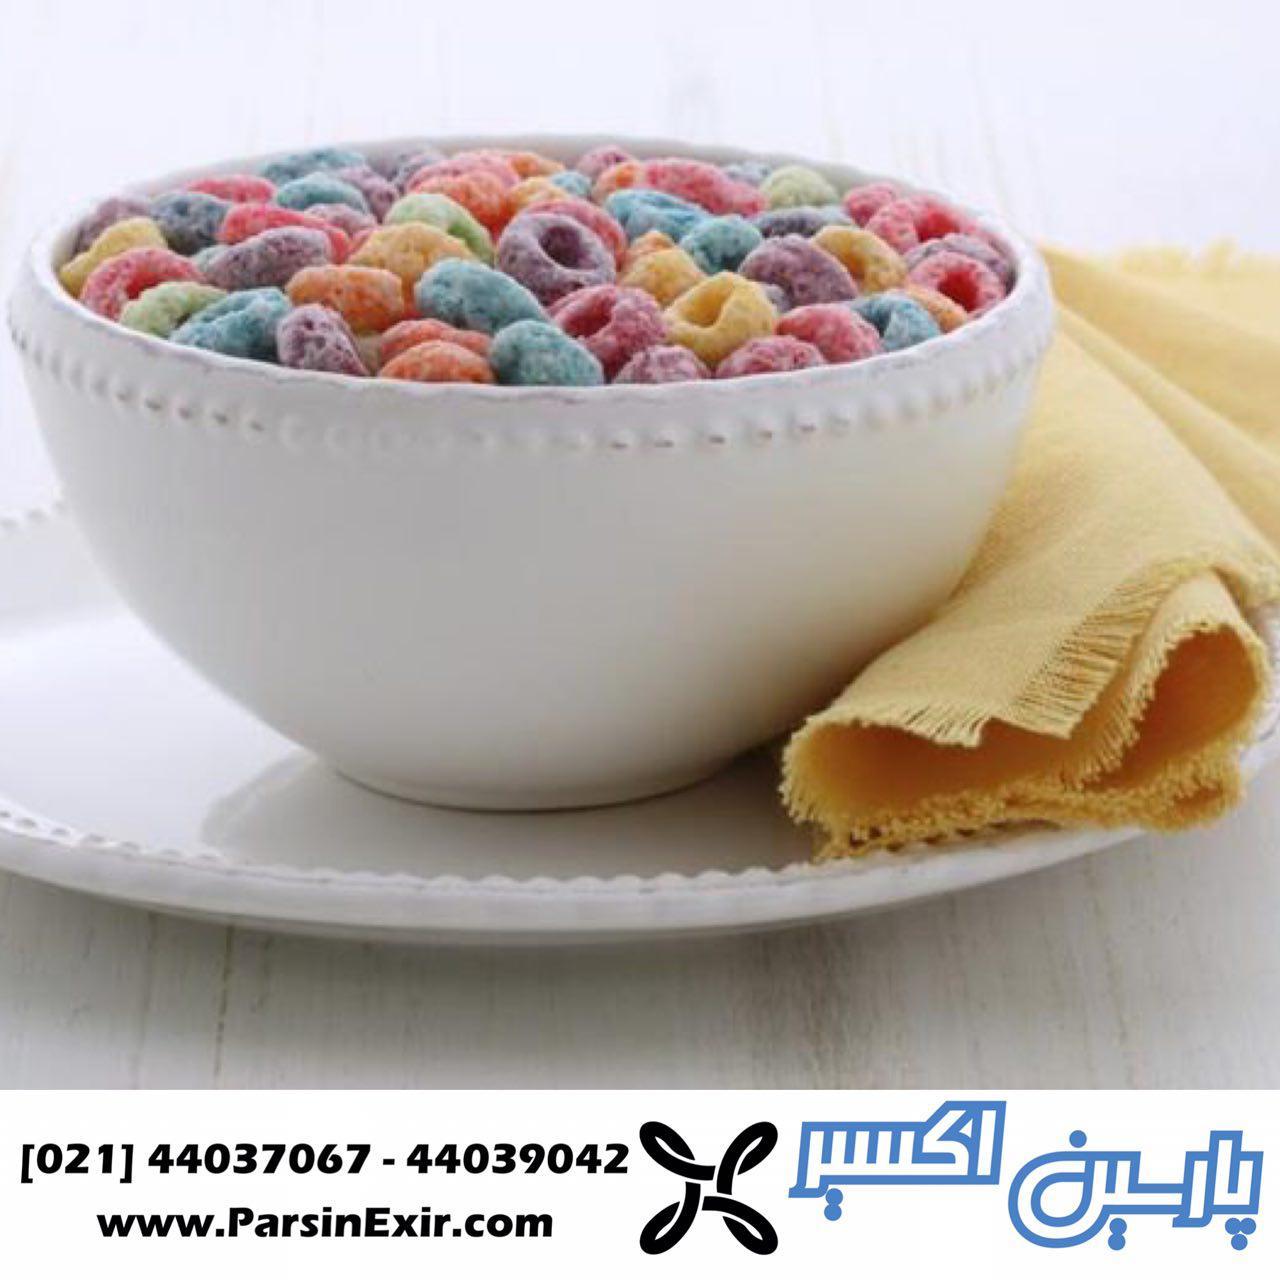 مالتودکسترین مواد اولیه صنایع غذایی